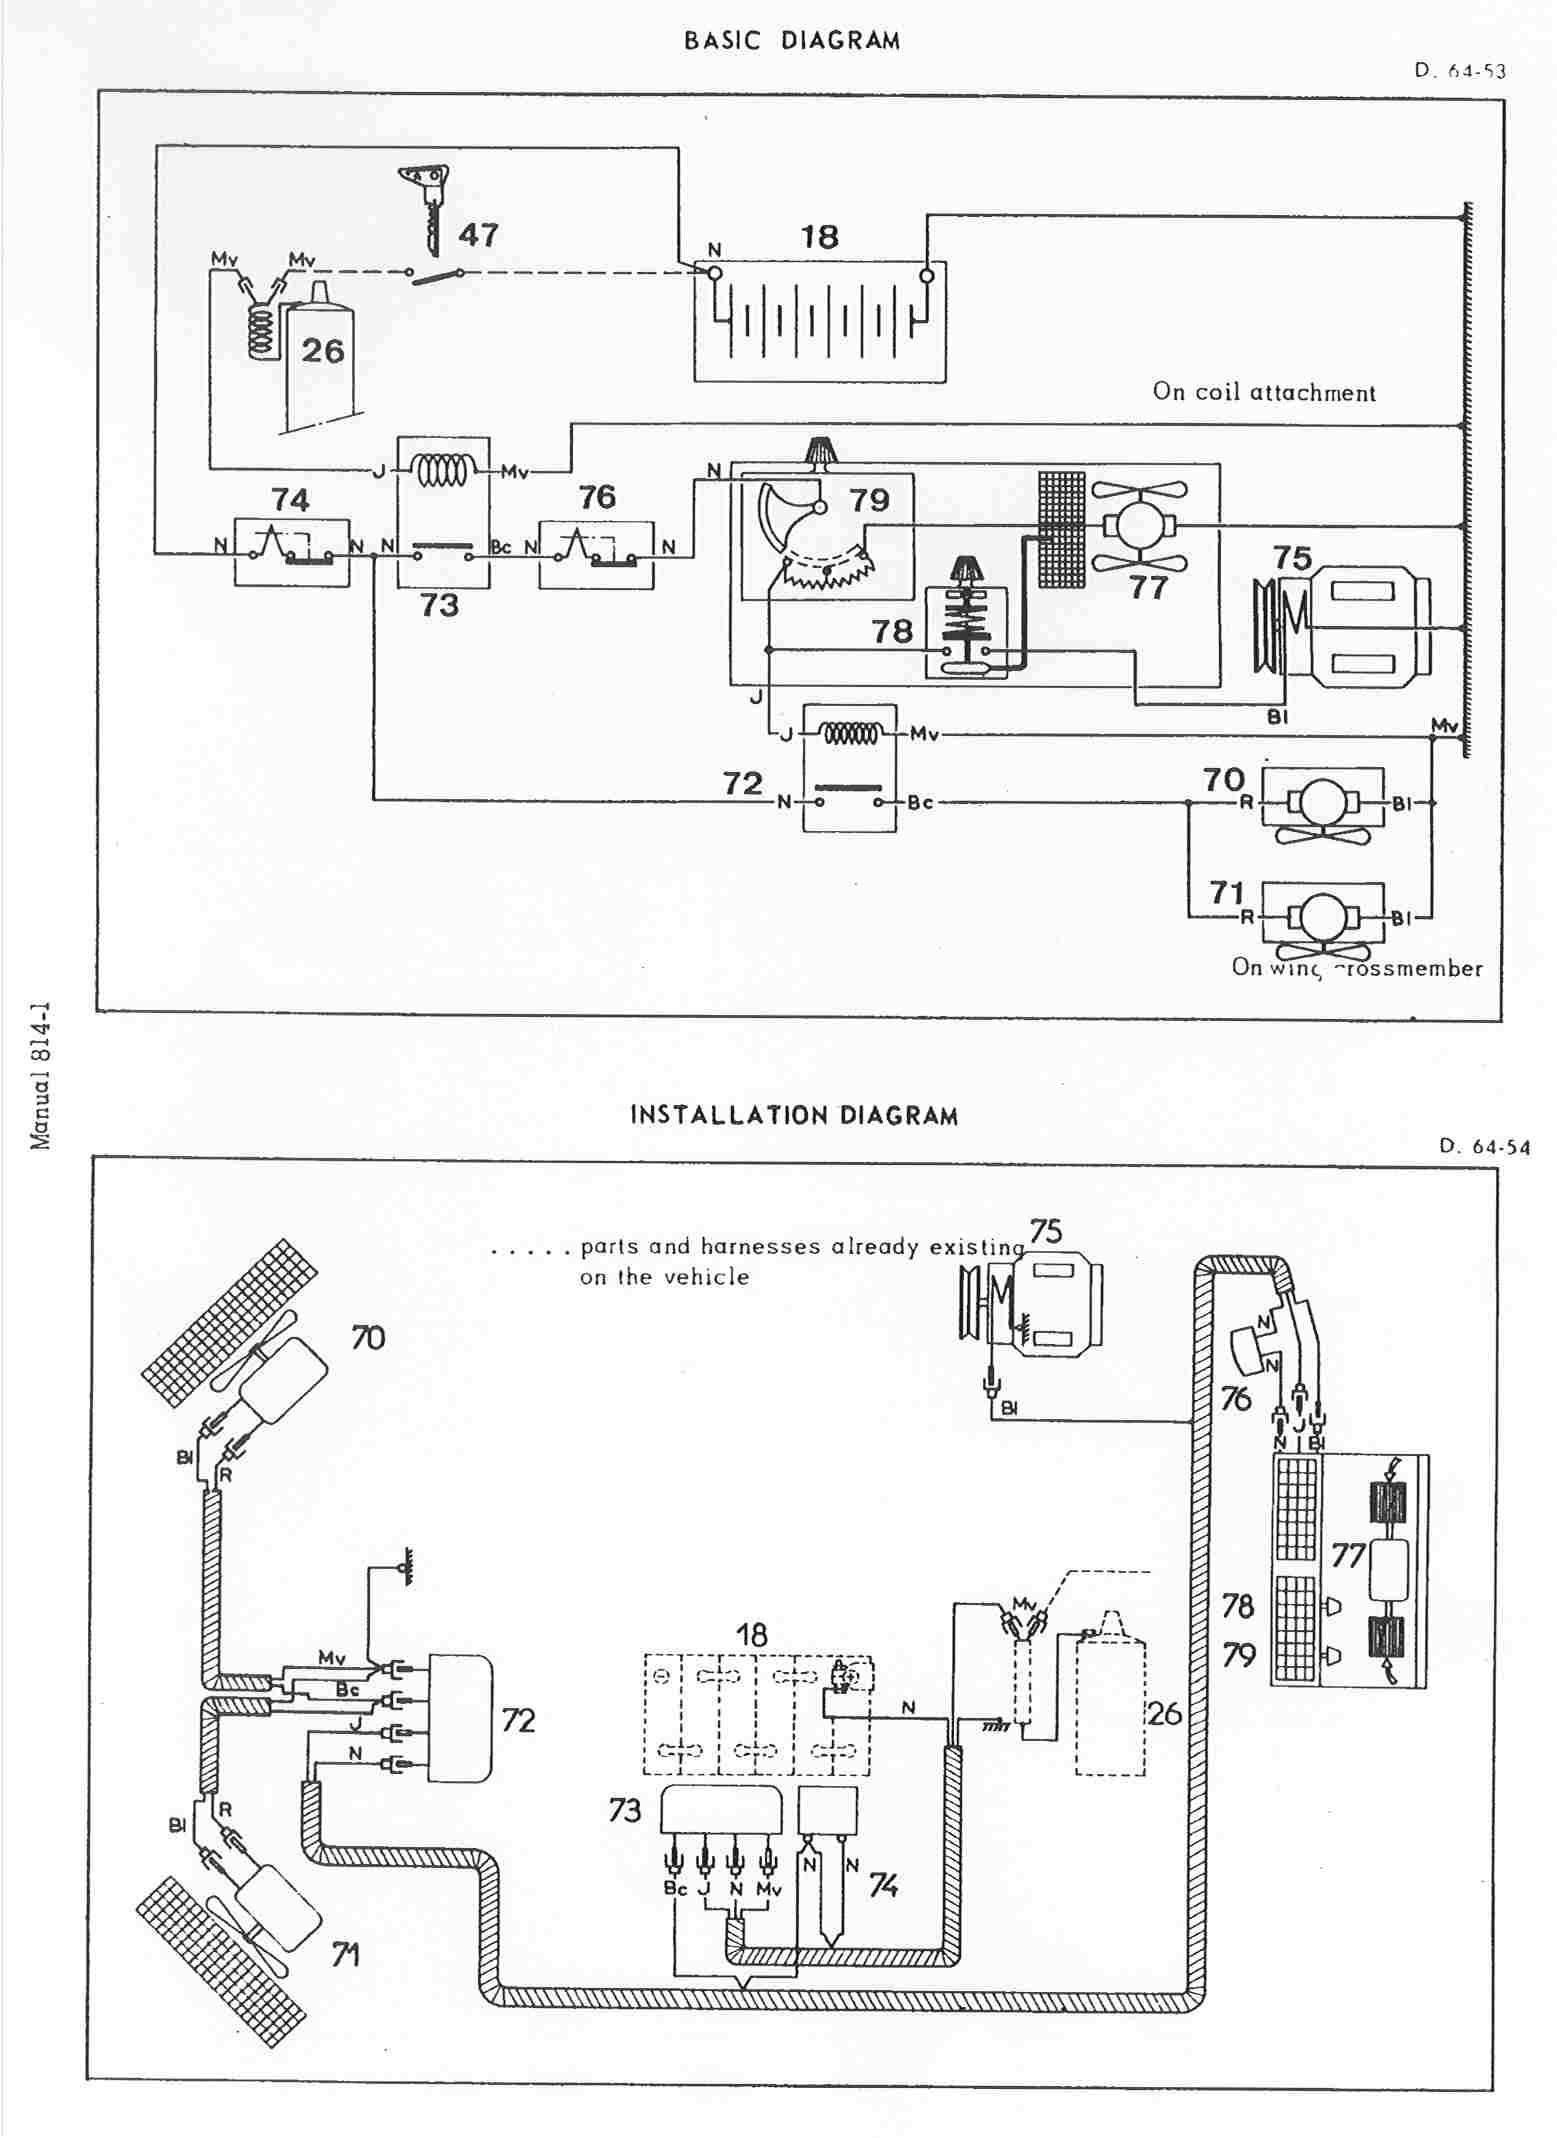 Schema Elettrico Yamaha Mt 03 : Schema elettrico condizionatore d aria fare di una mosca